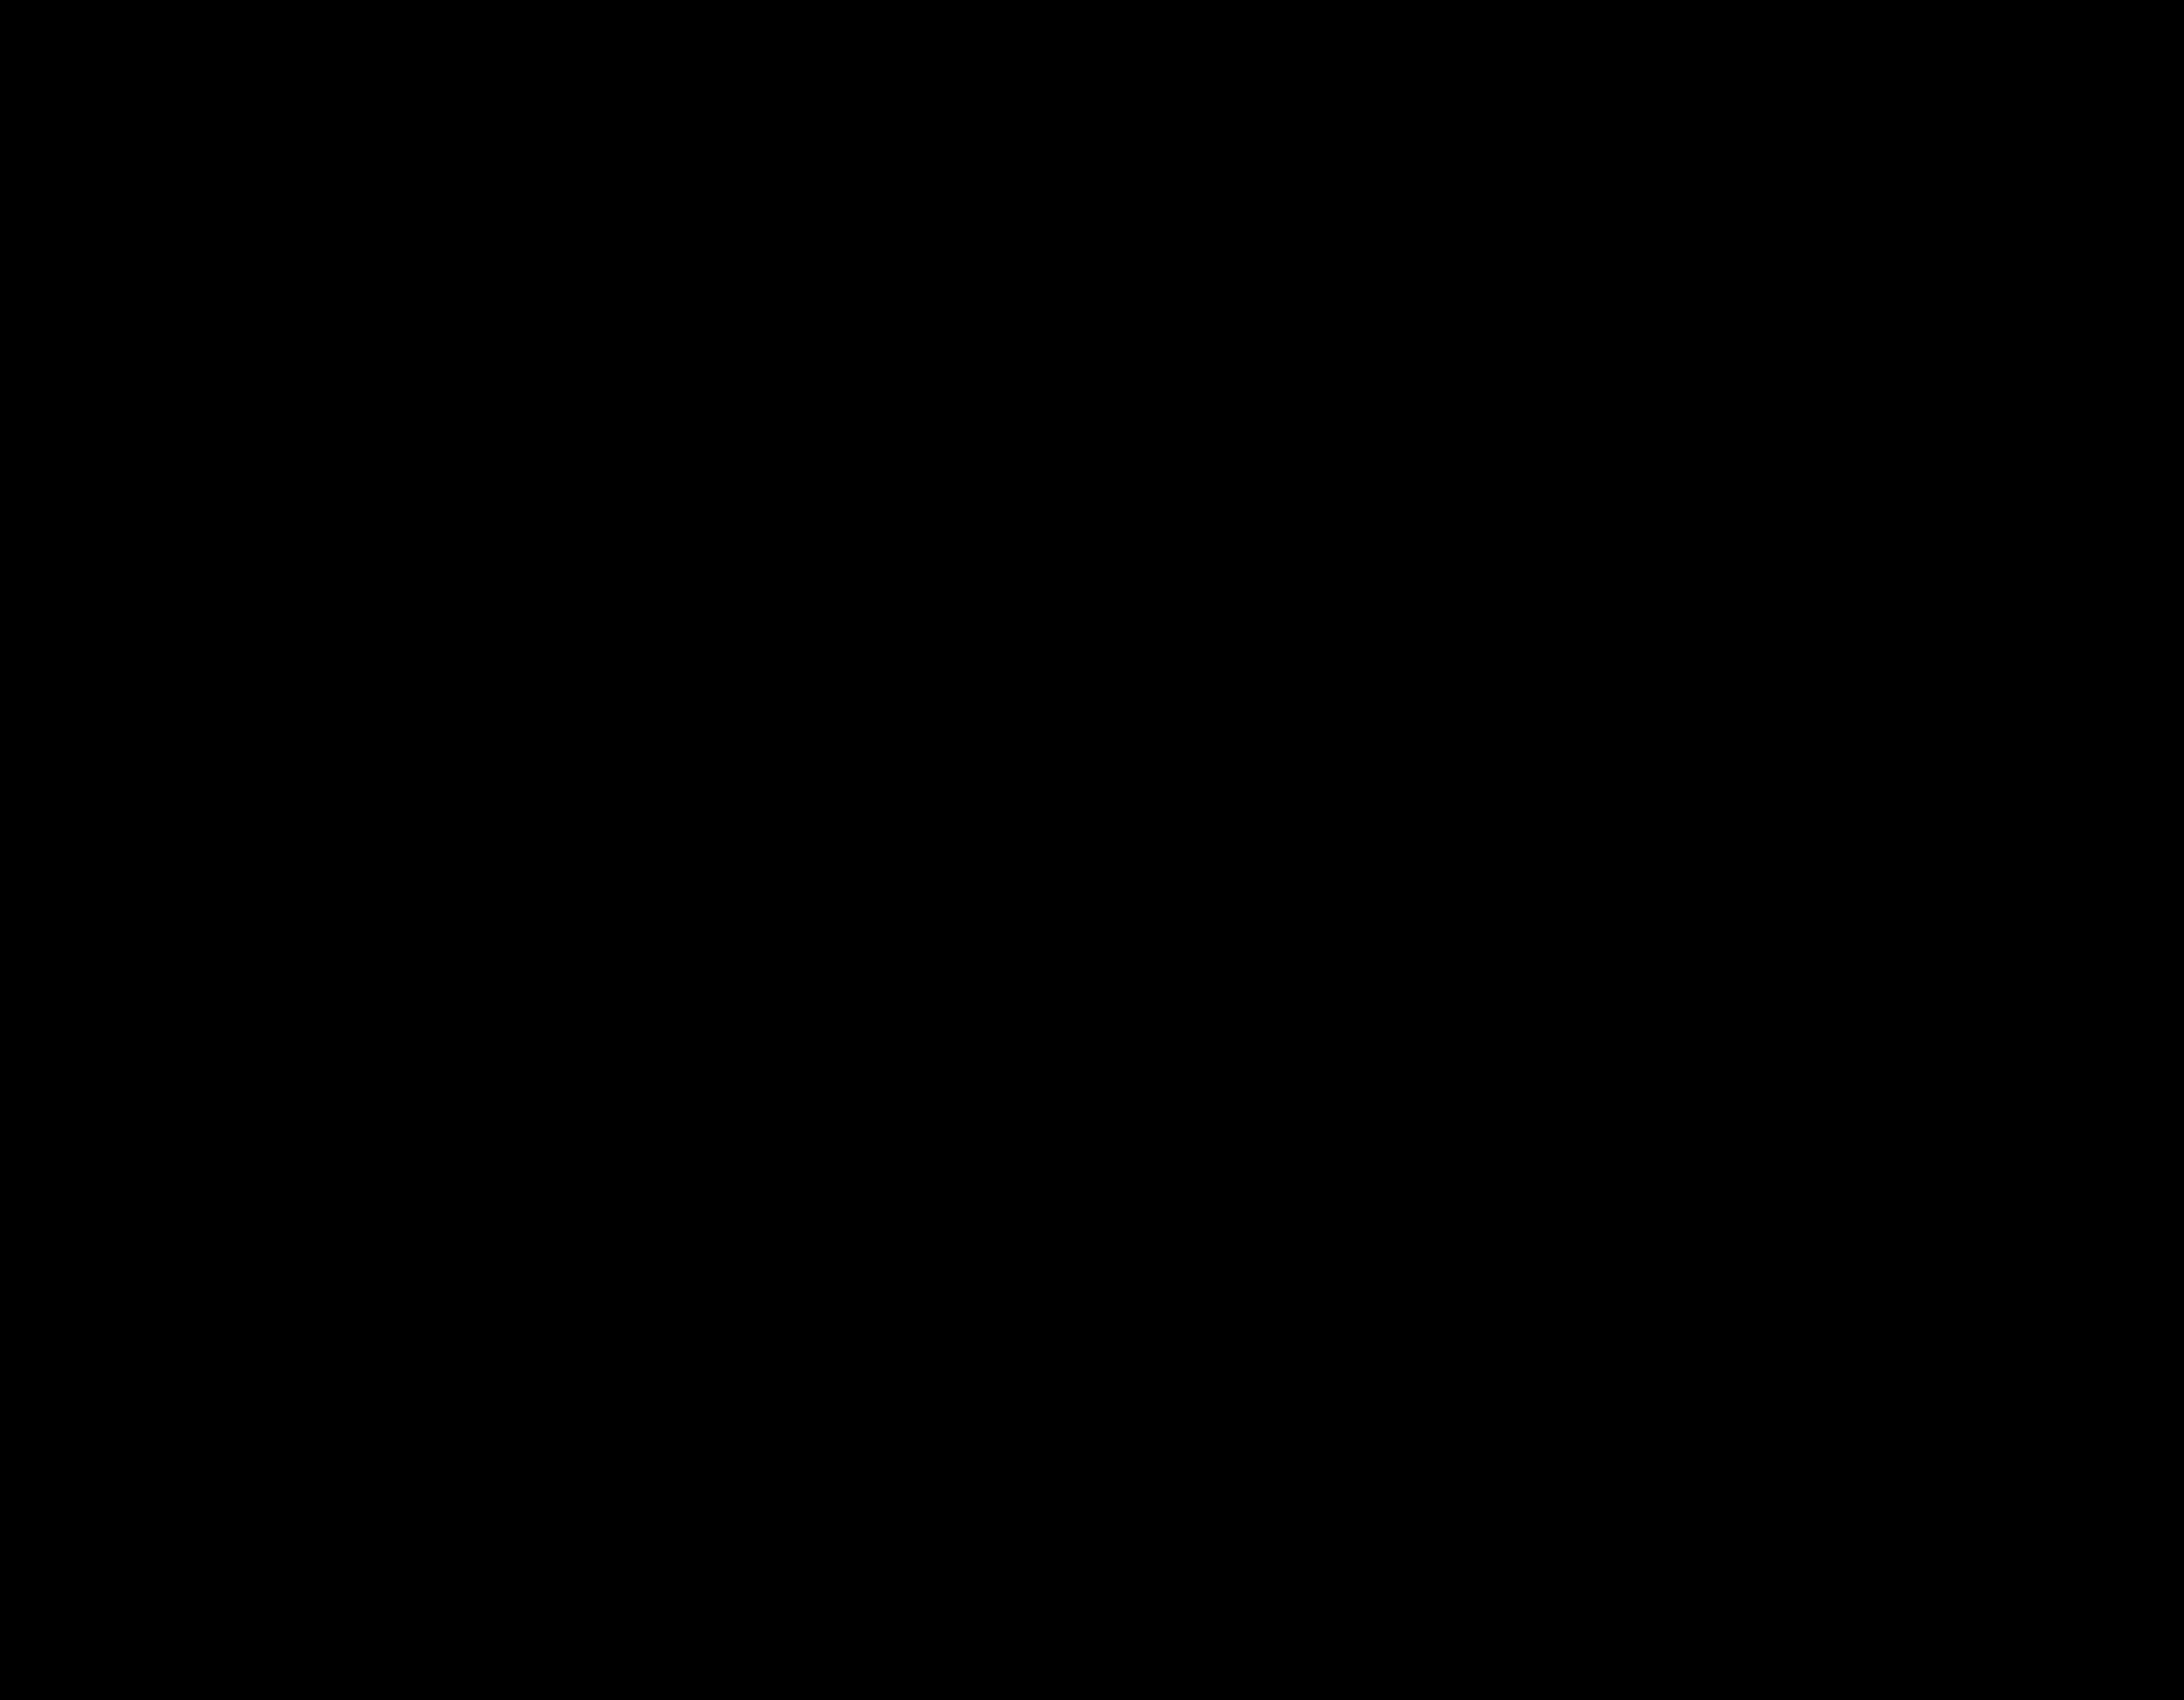 Long_Pond_LEED_Certificate